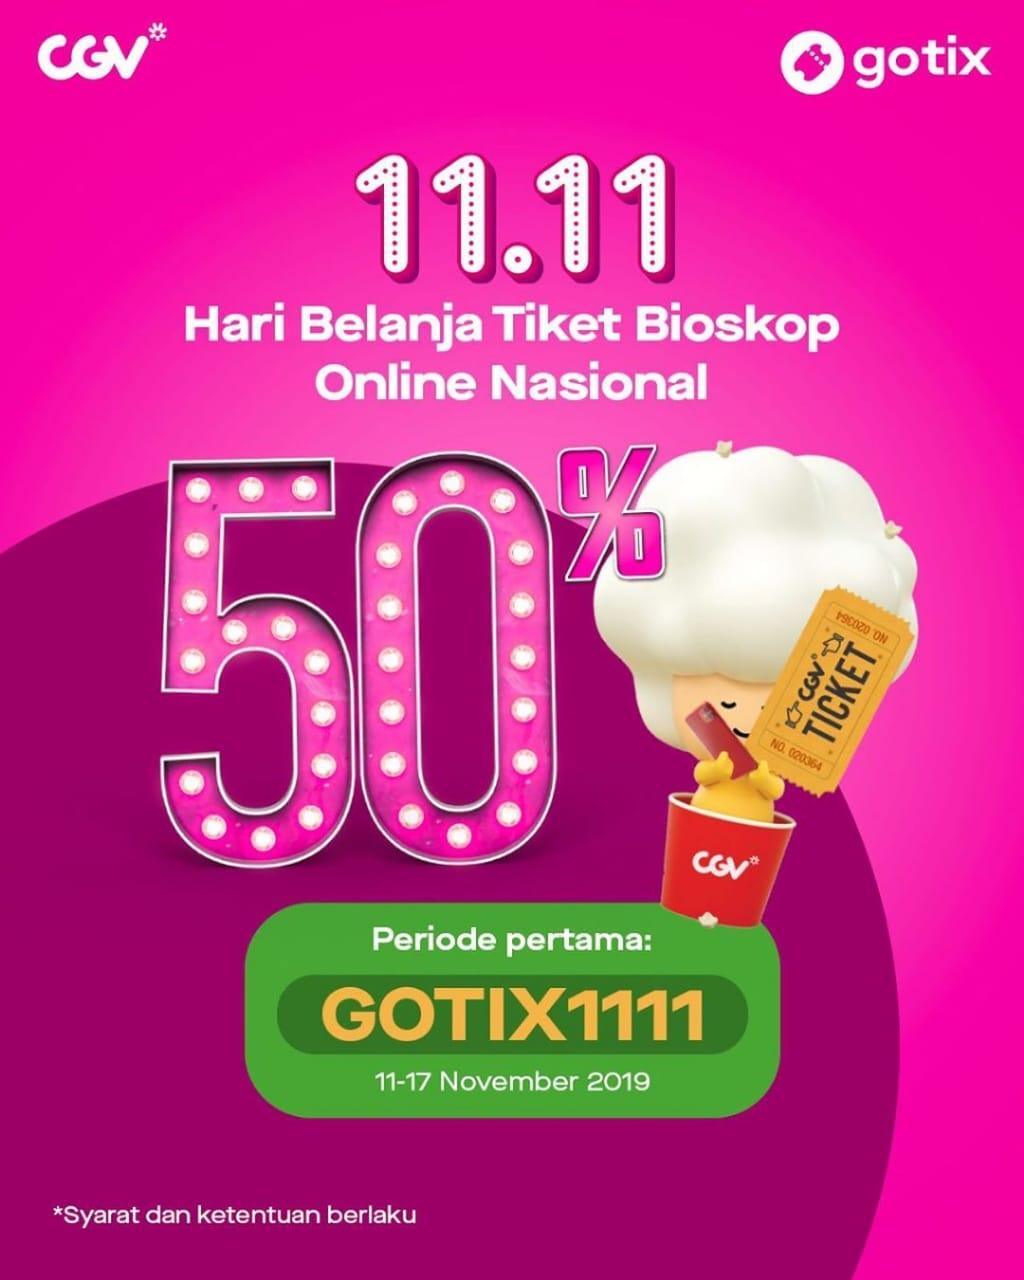 Gotix Promo 11.11 Nomat Seminggu Penuh, Diskon 50%!